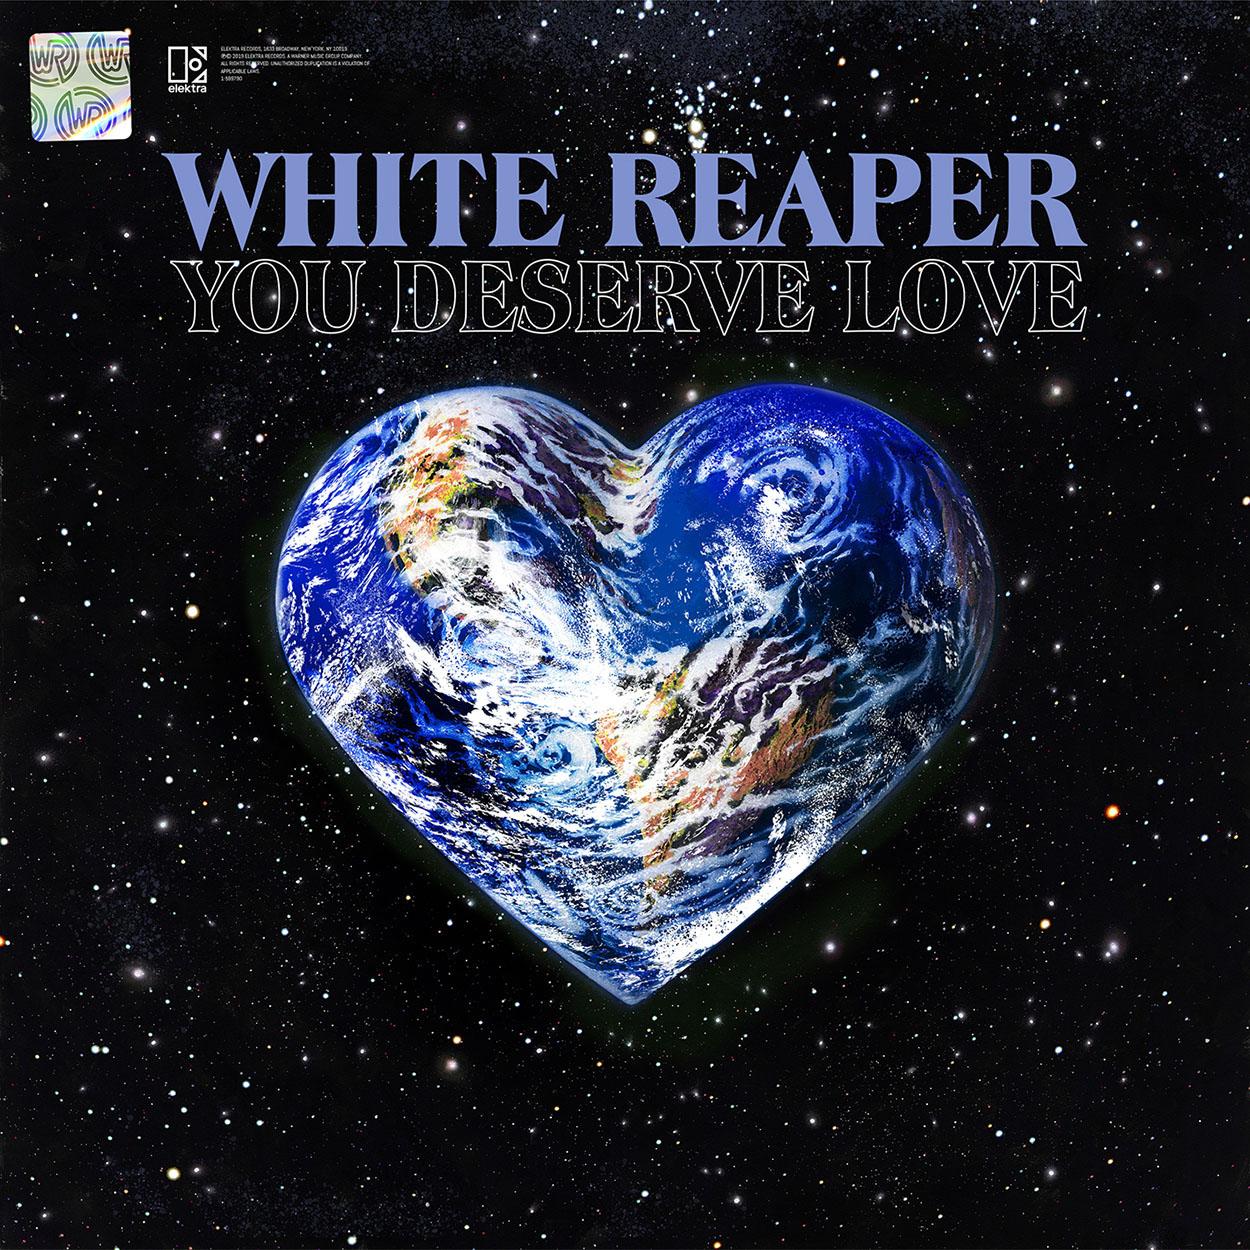 White Reaper You Deserve Love new album art cover